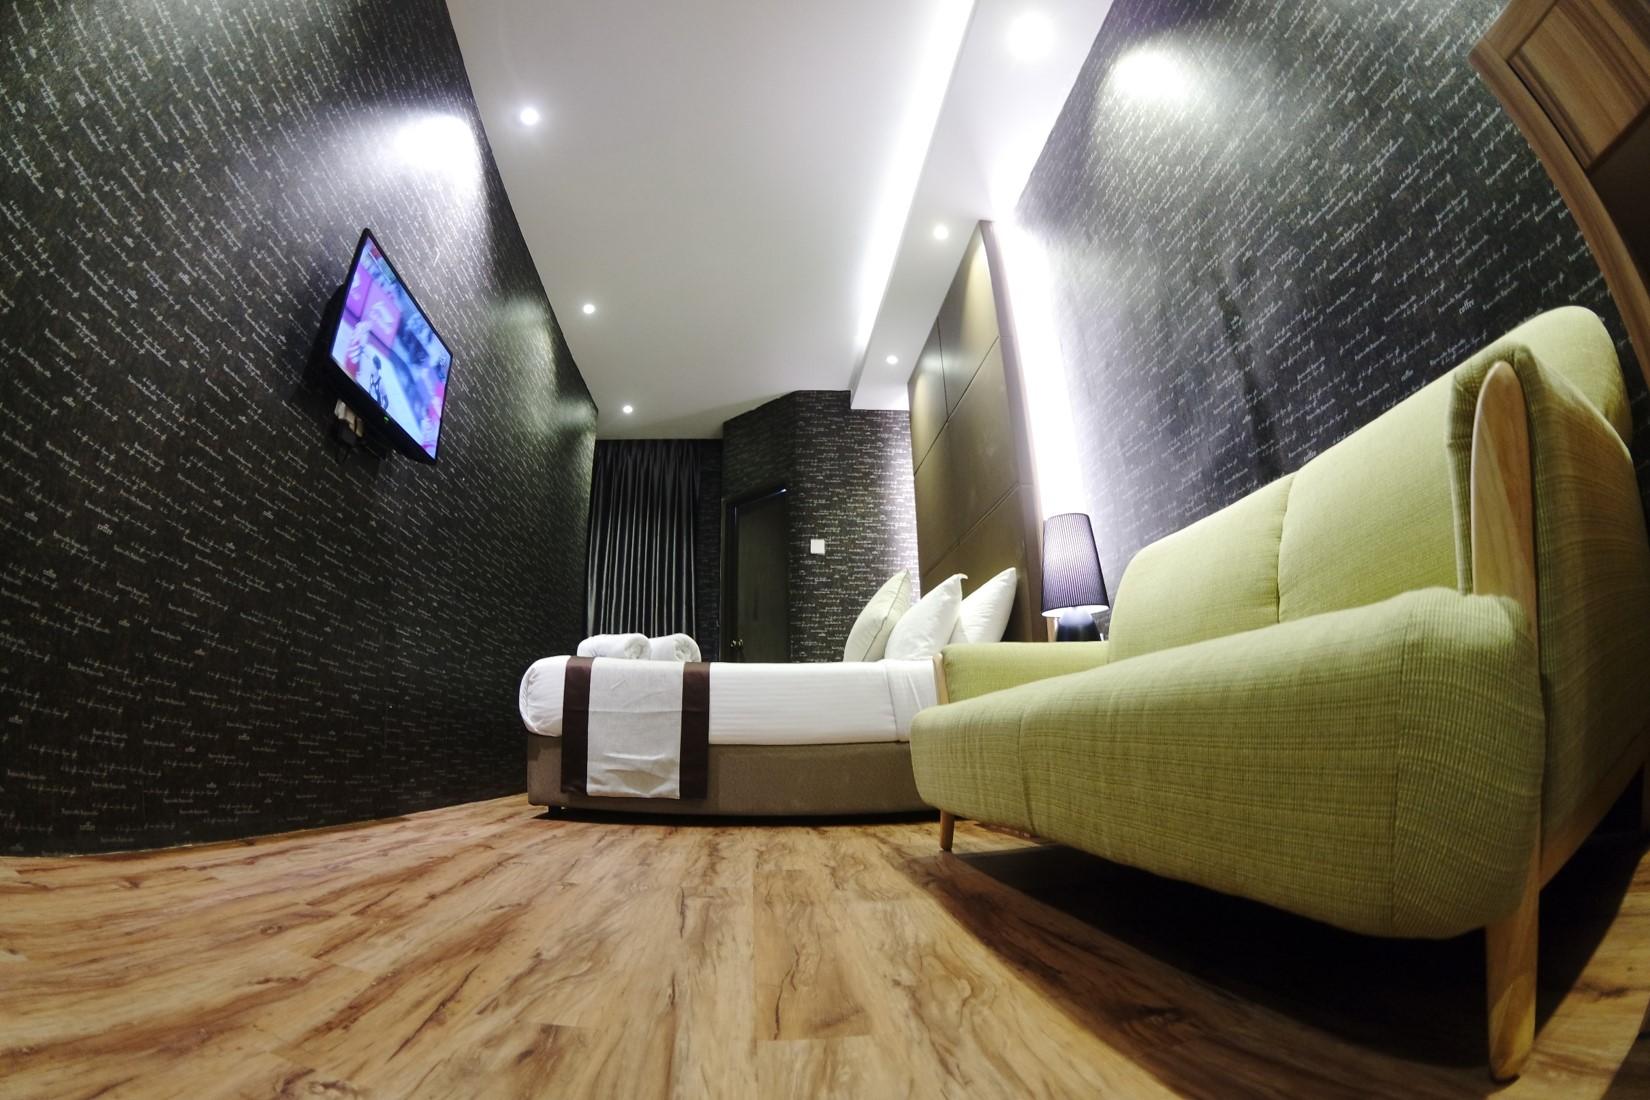 Hotel Skudai Johor Bahru, -50% Off Dormitory & Double Room Rm33^